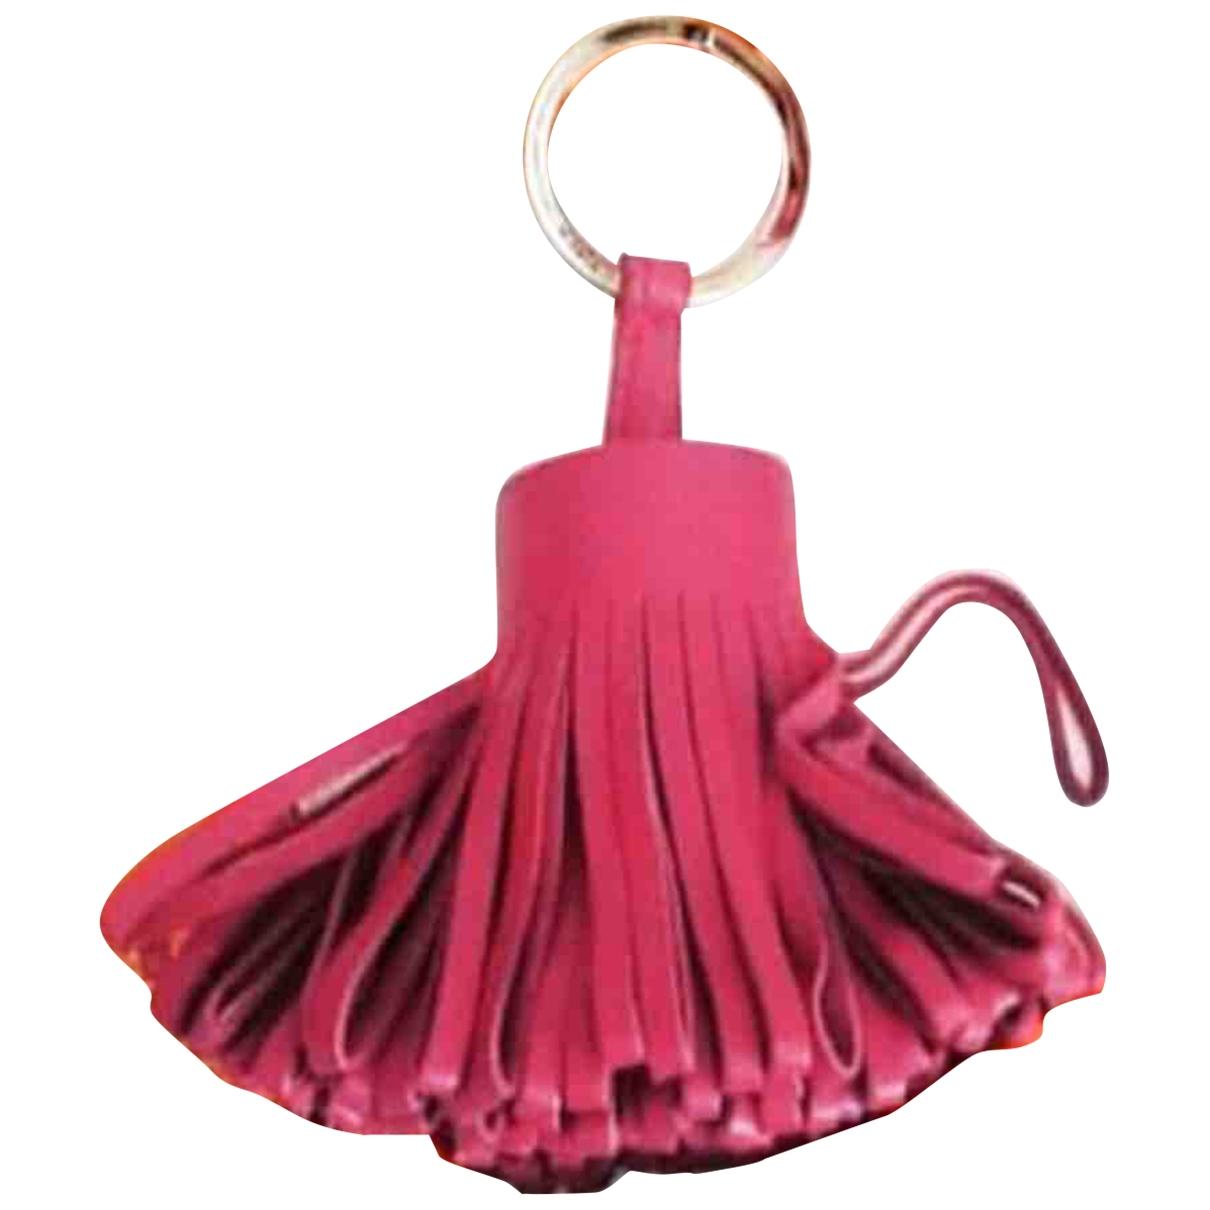 Hermes - Bijoux de sac   pour femme en cuir - rose